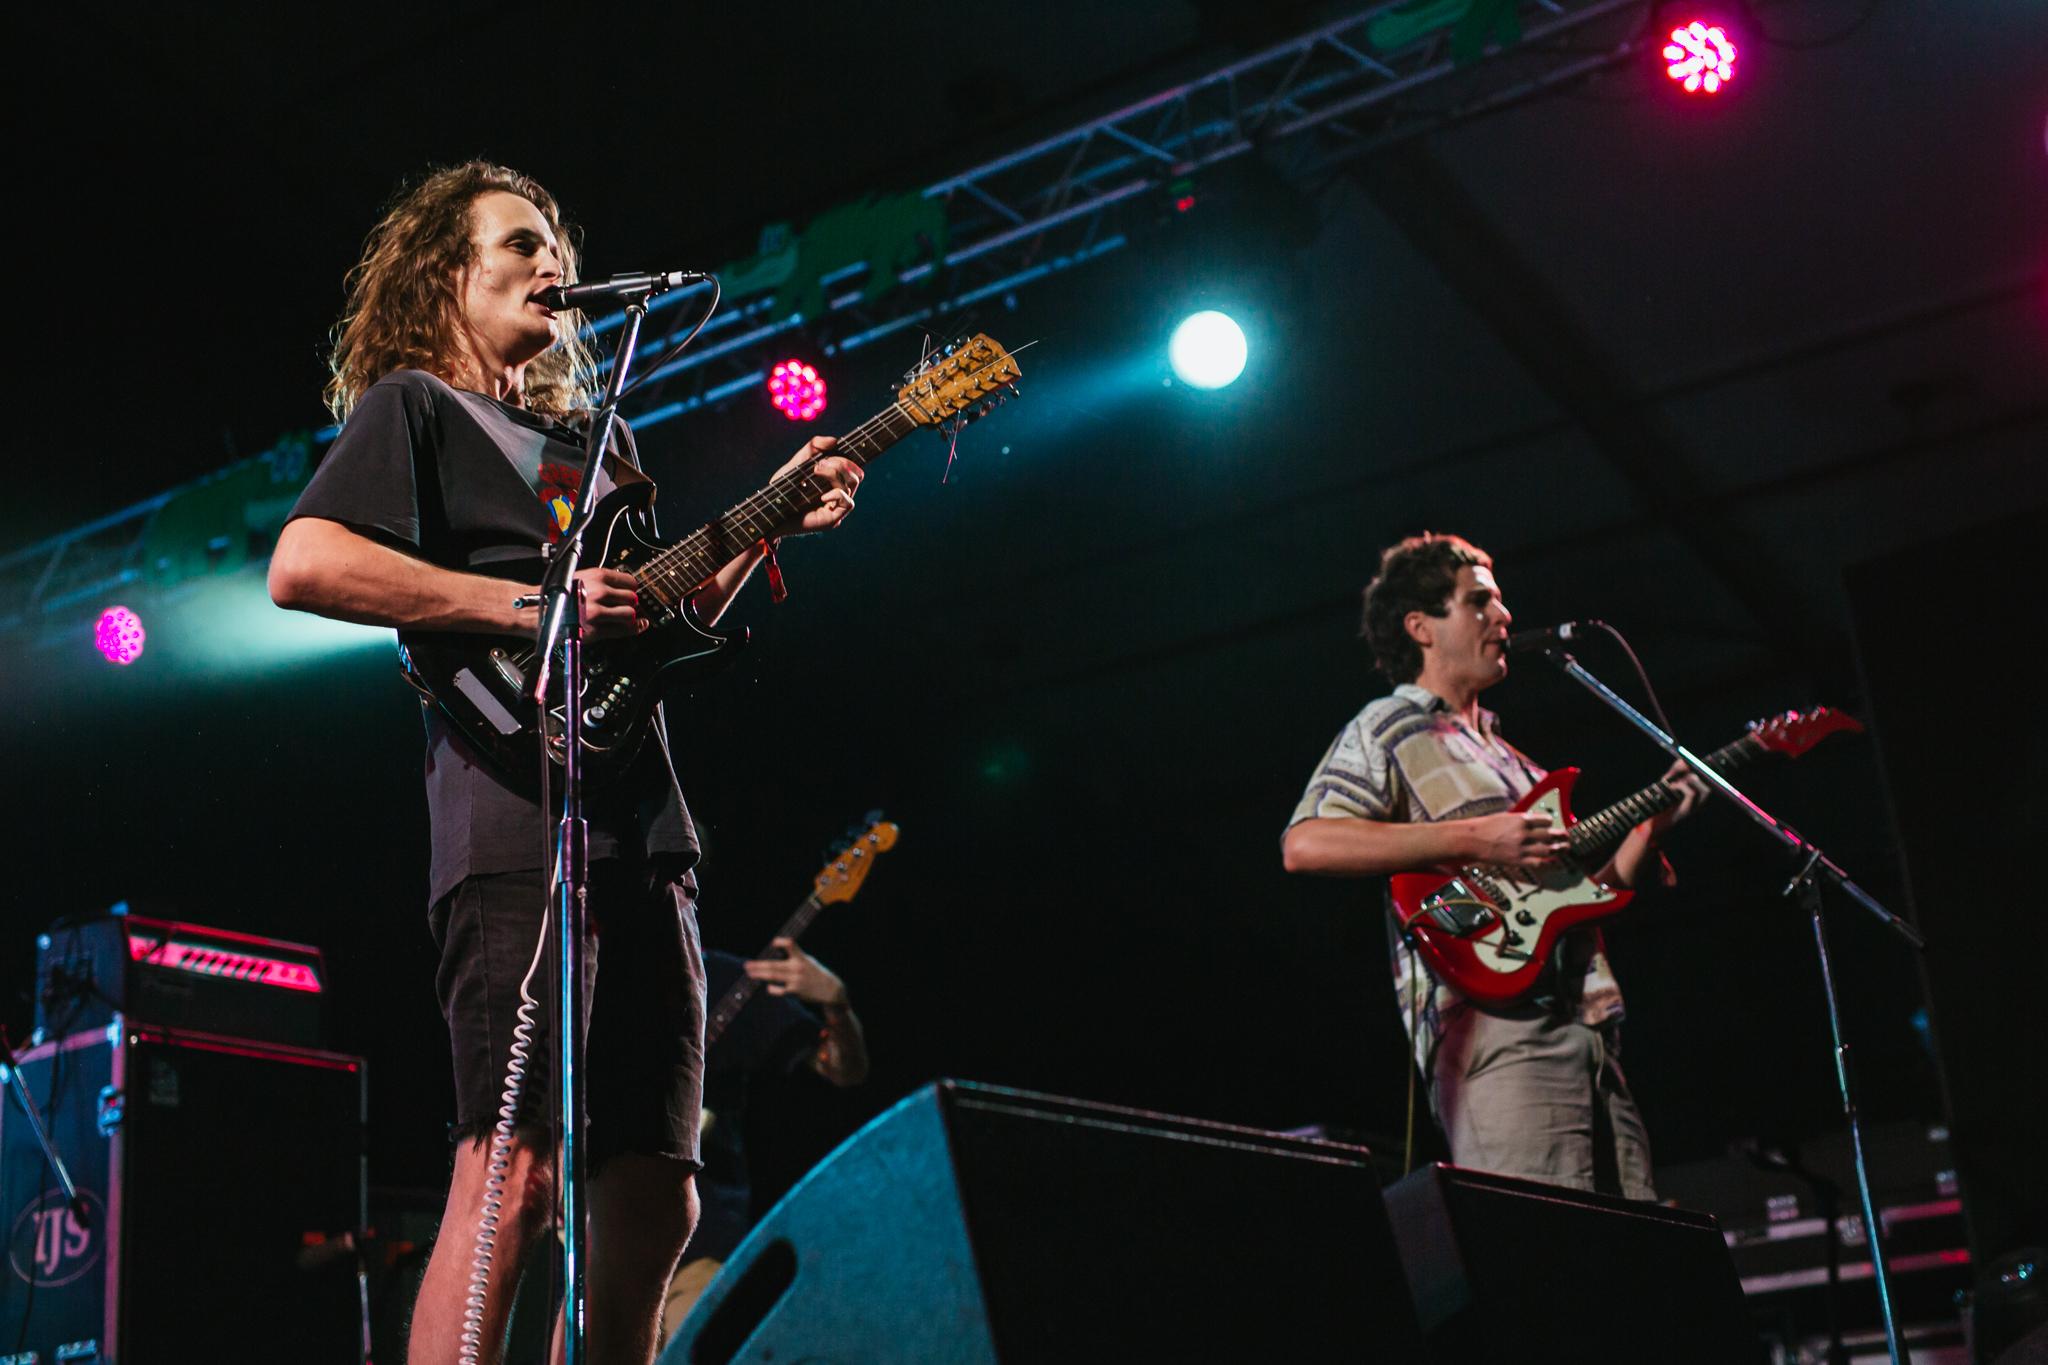 Mitch Lowe Photo - Gizzfest 2016 - King Gizzard & The Lizard Wizard-5766.jpg